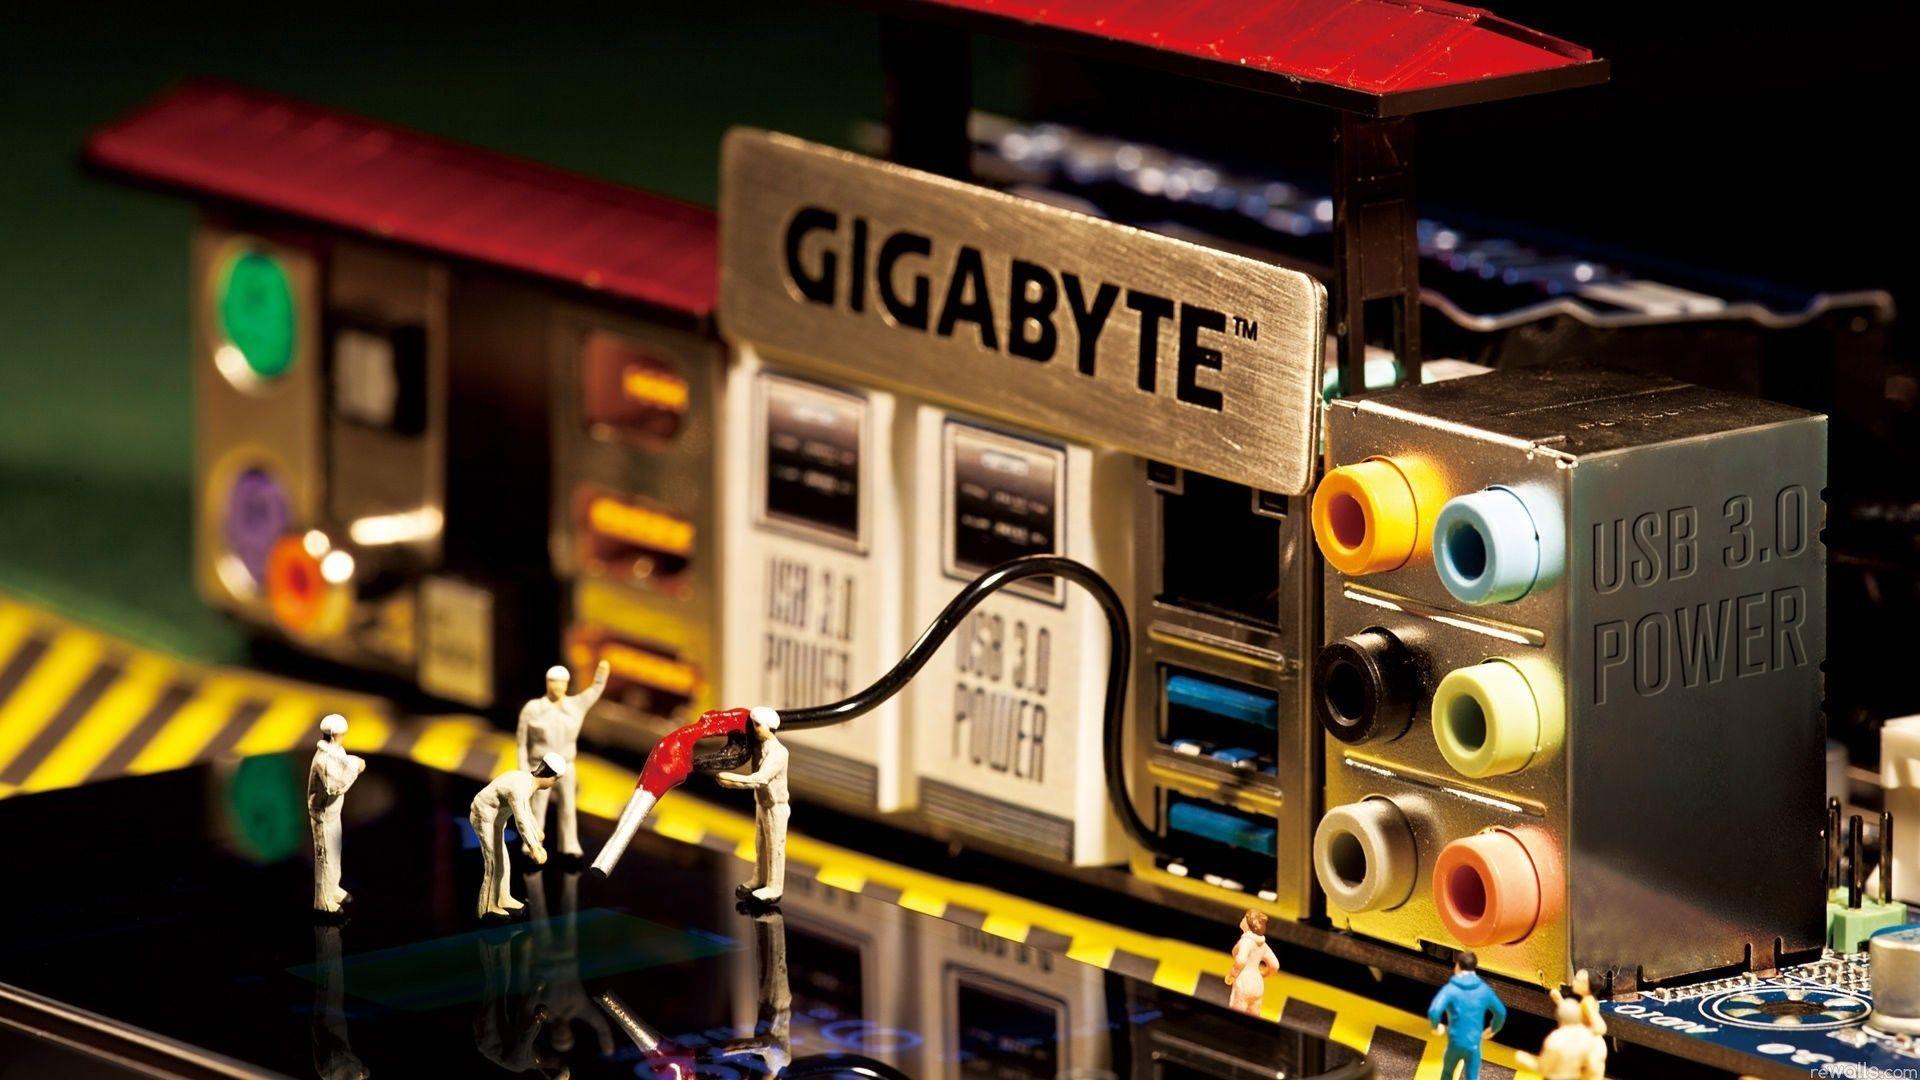 Widescreen Gigabyte Gigabyte Motherboard Full Hd Wallpaper